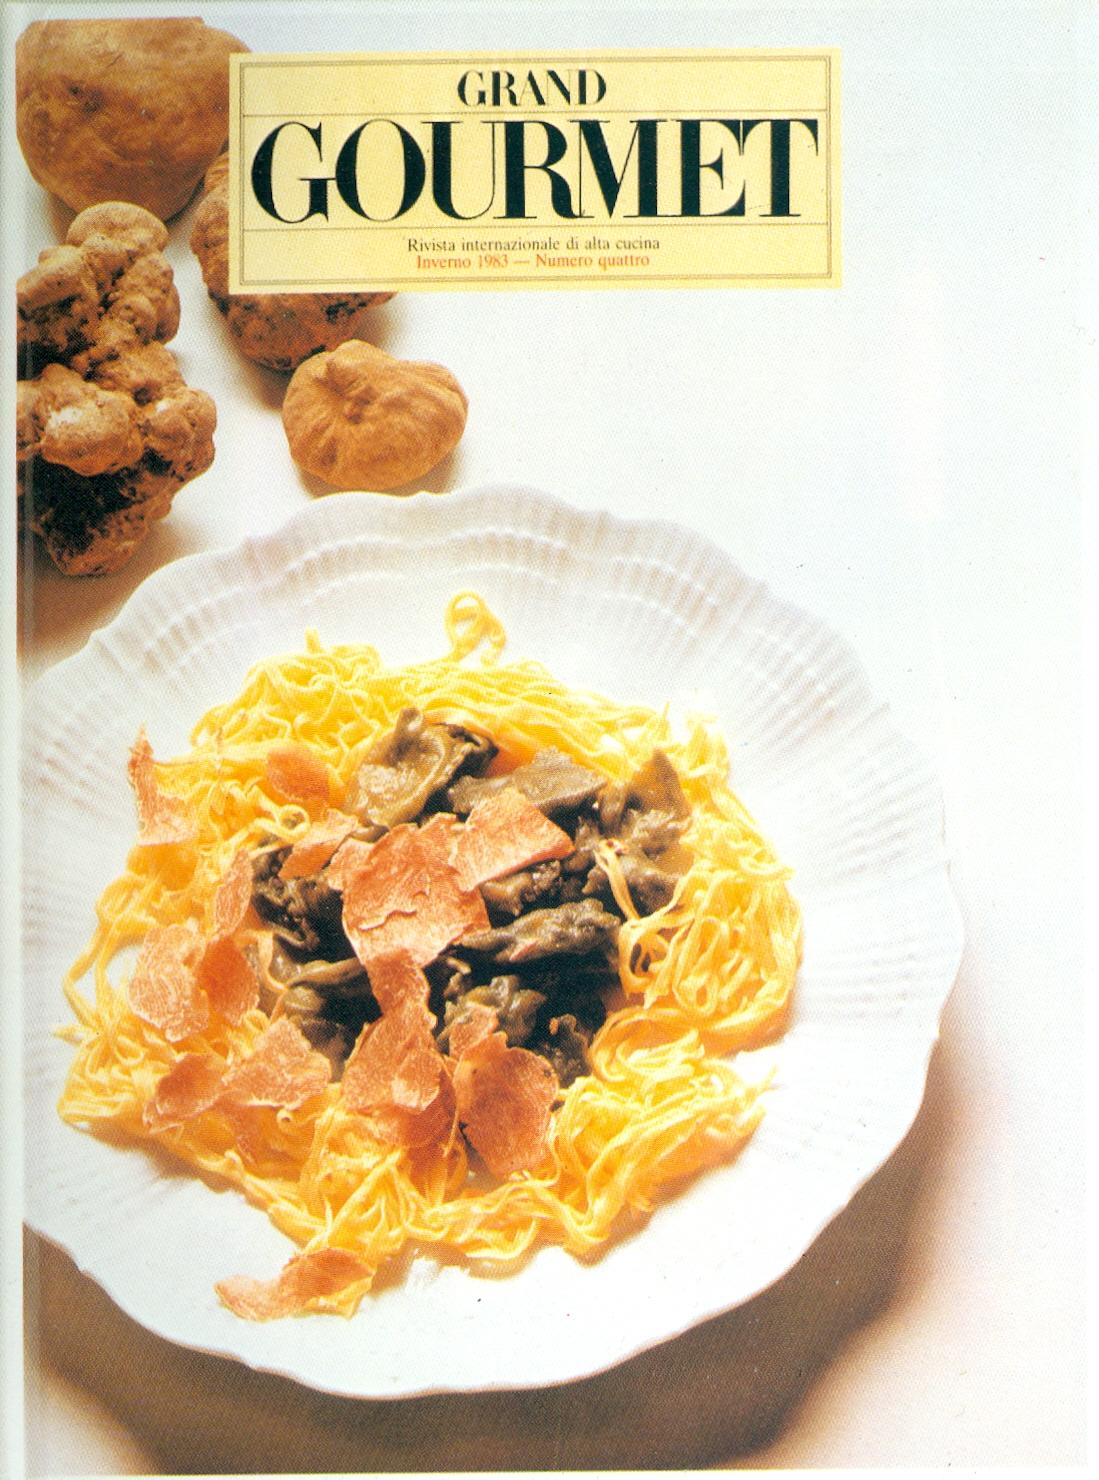 Ricette alta cucina gourmet ricette popolari sito culinario - Cucina gourmet ricette ...